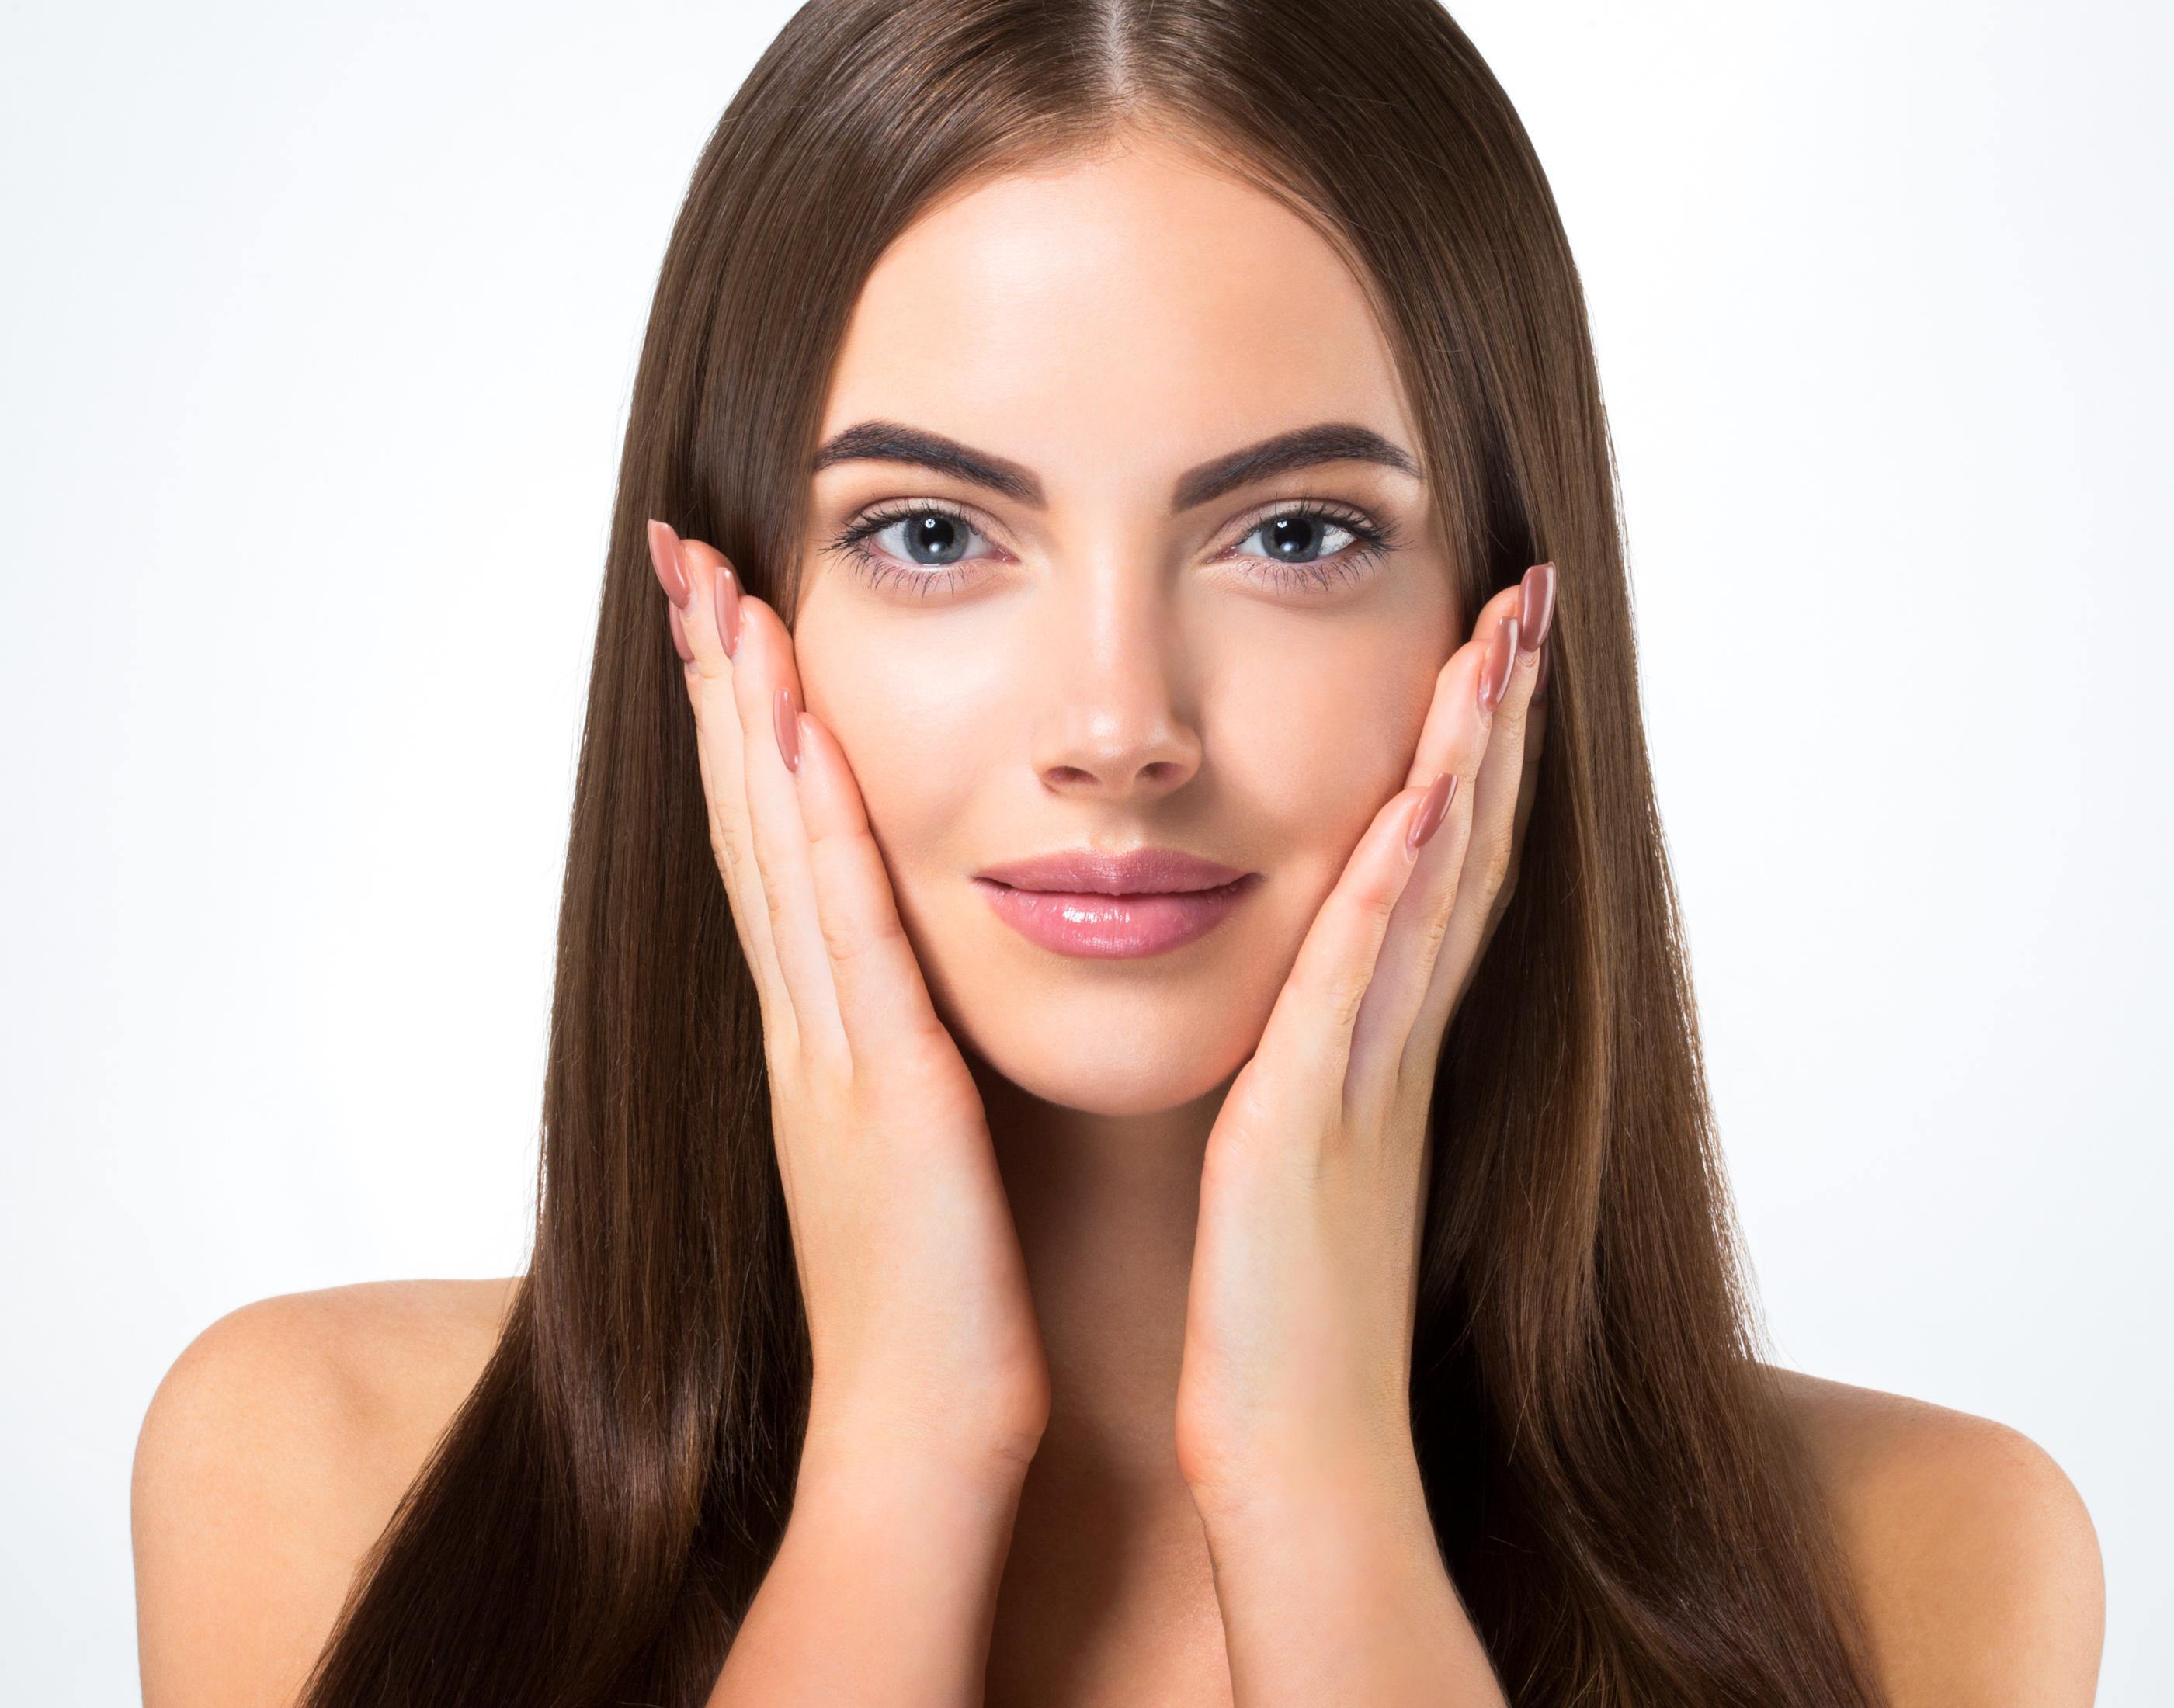 Consejos para que la piel del rostro y manos se mantenga saludable durante esta cuarentena